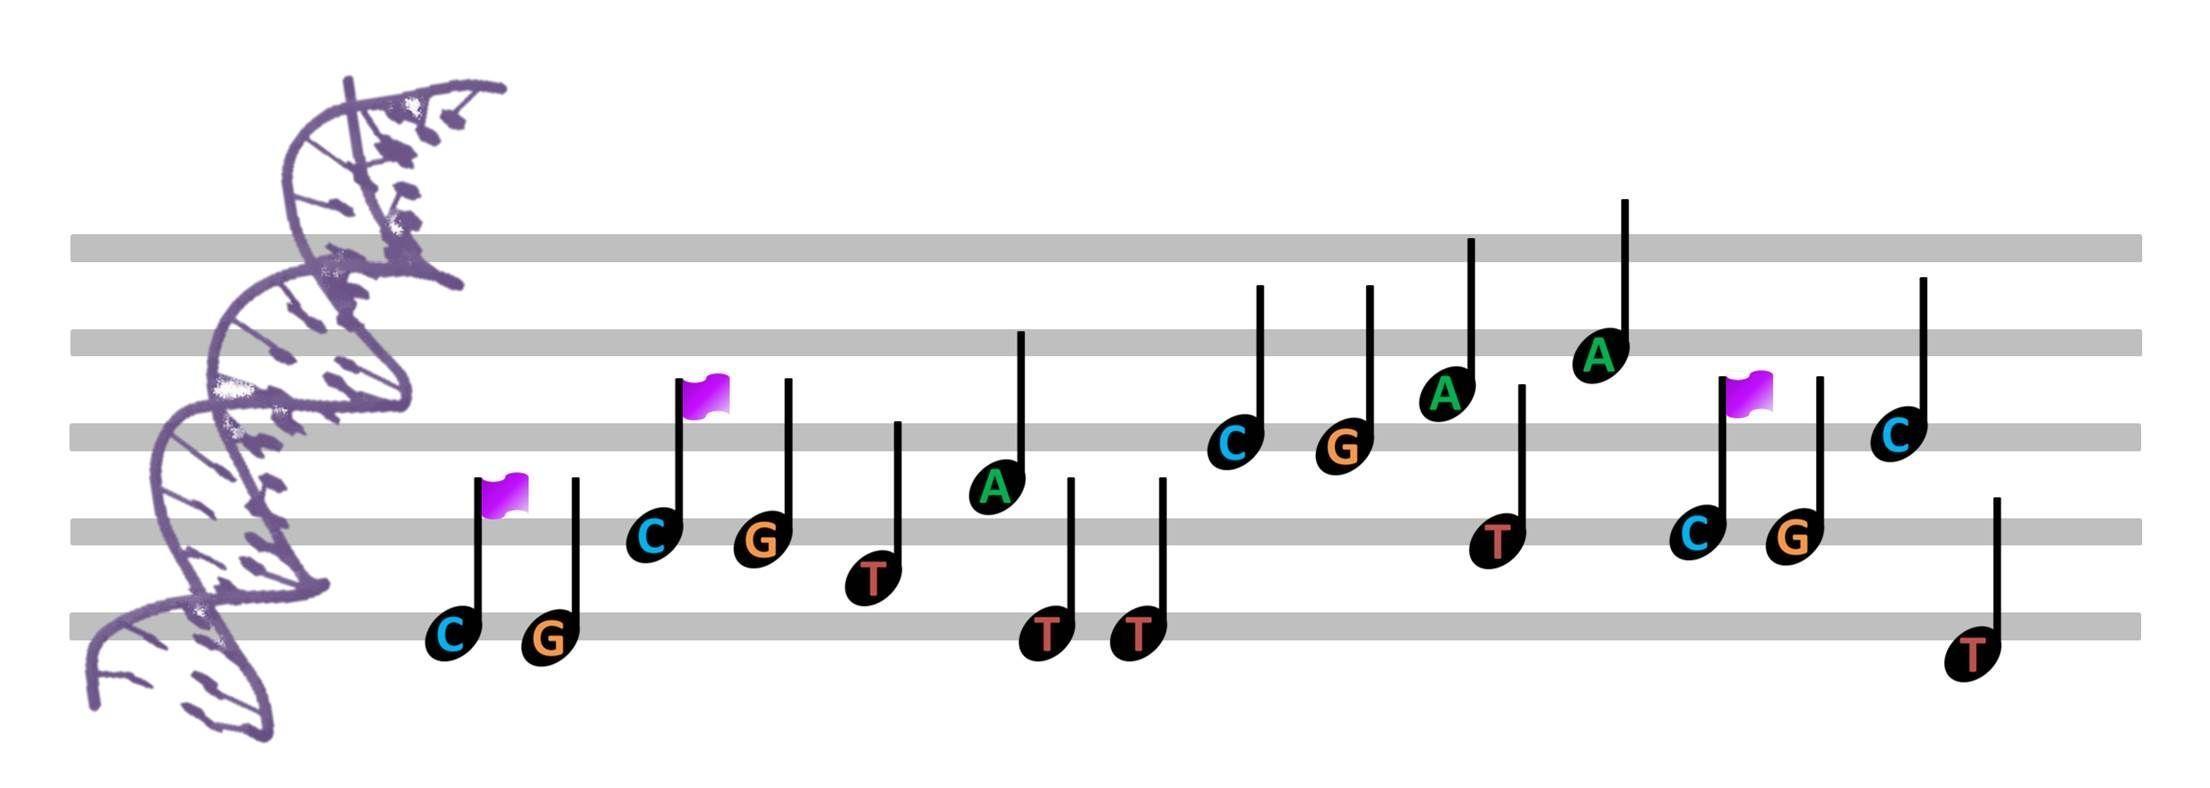 Los mecanismos epigenéticos son como las marcas que acompañan a las notas en una partitura.